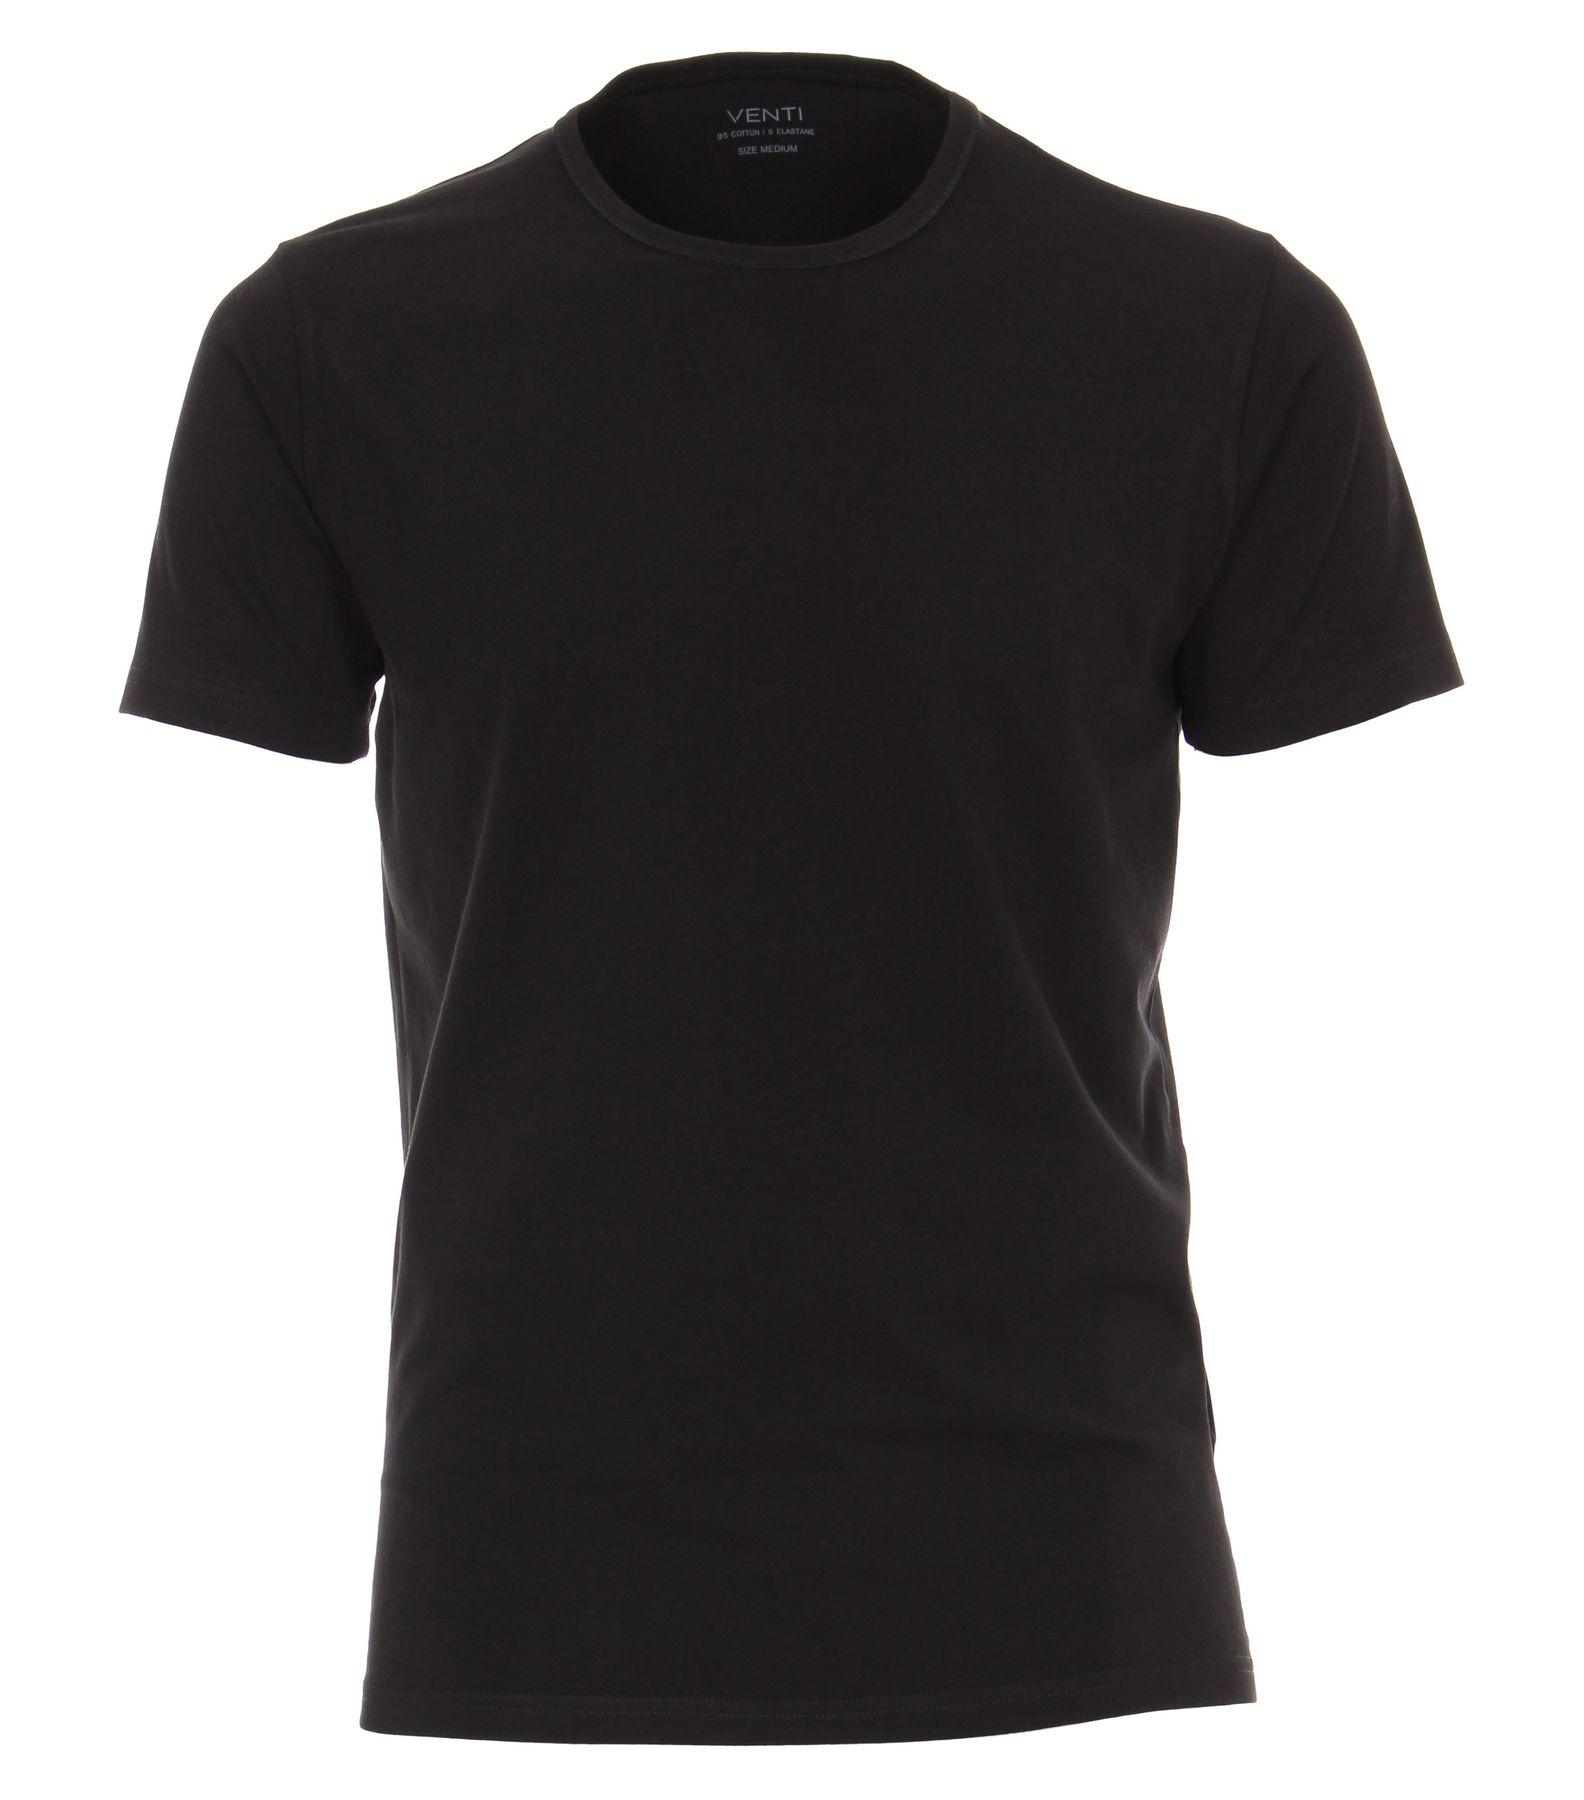 Venti - Herren T-Shirt mit Rundhals im 2er Pack, schwarz oder weiß, S-XXL (012500) – Bild 4